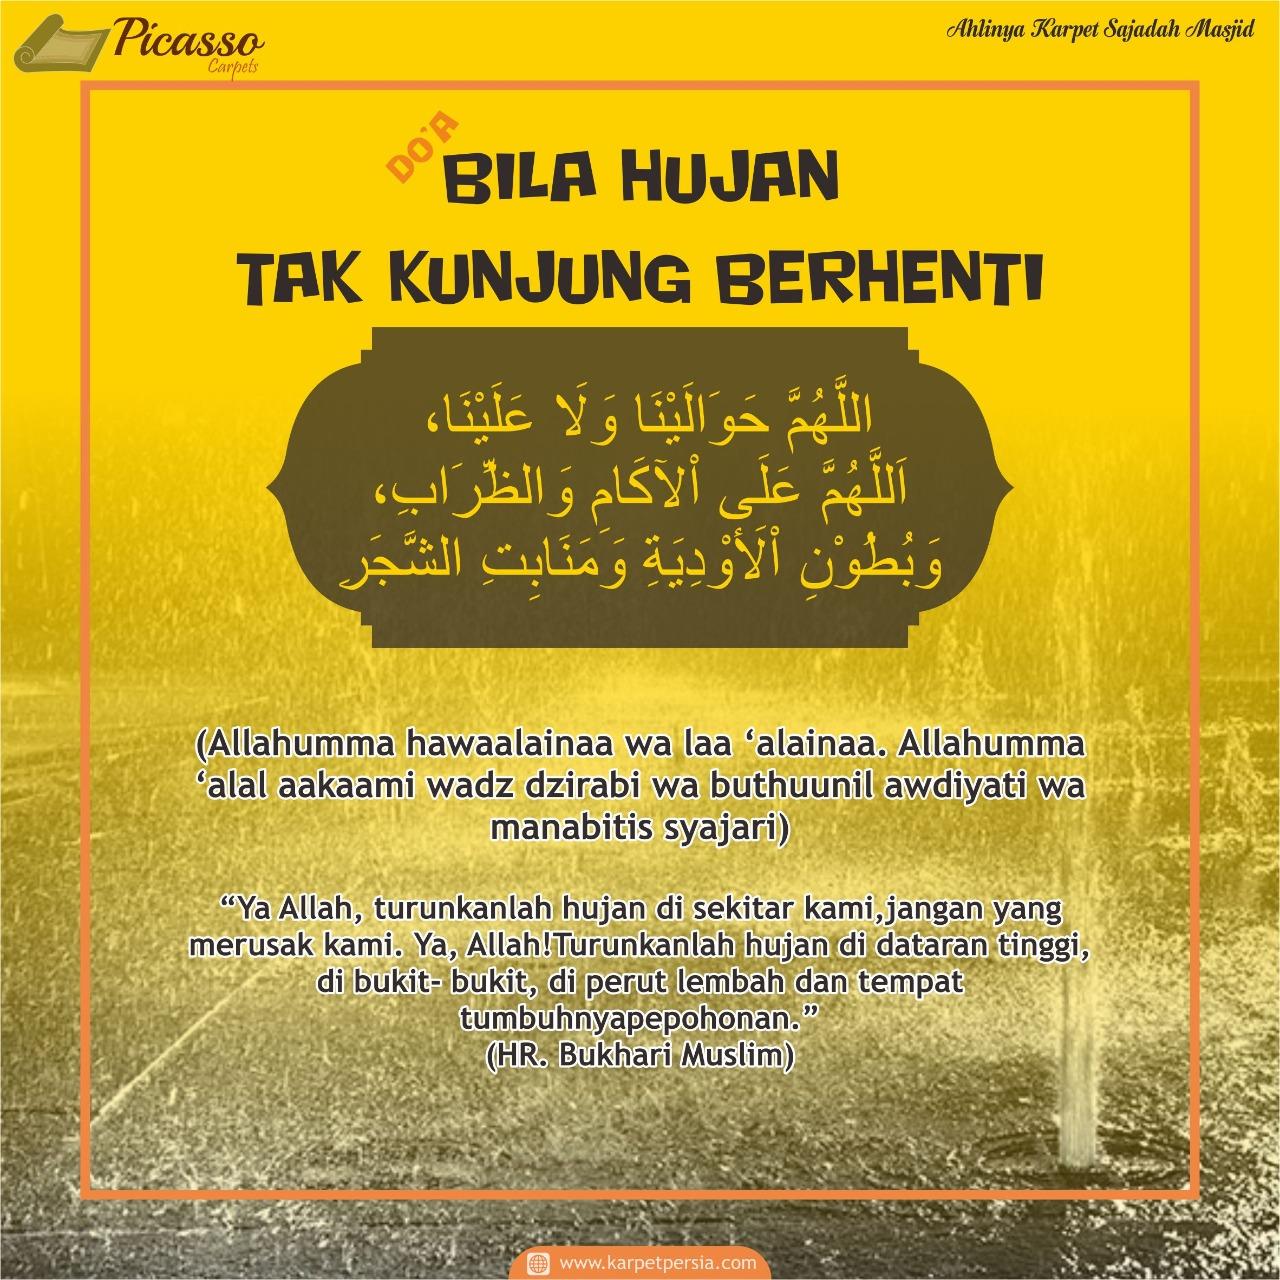 doa meminta hujan berhenti (1)